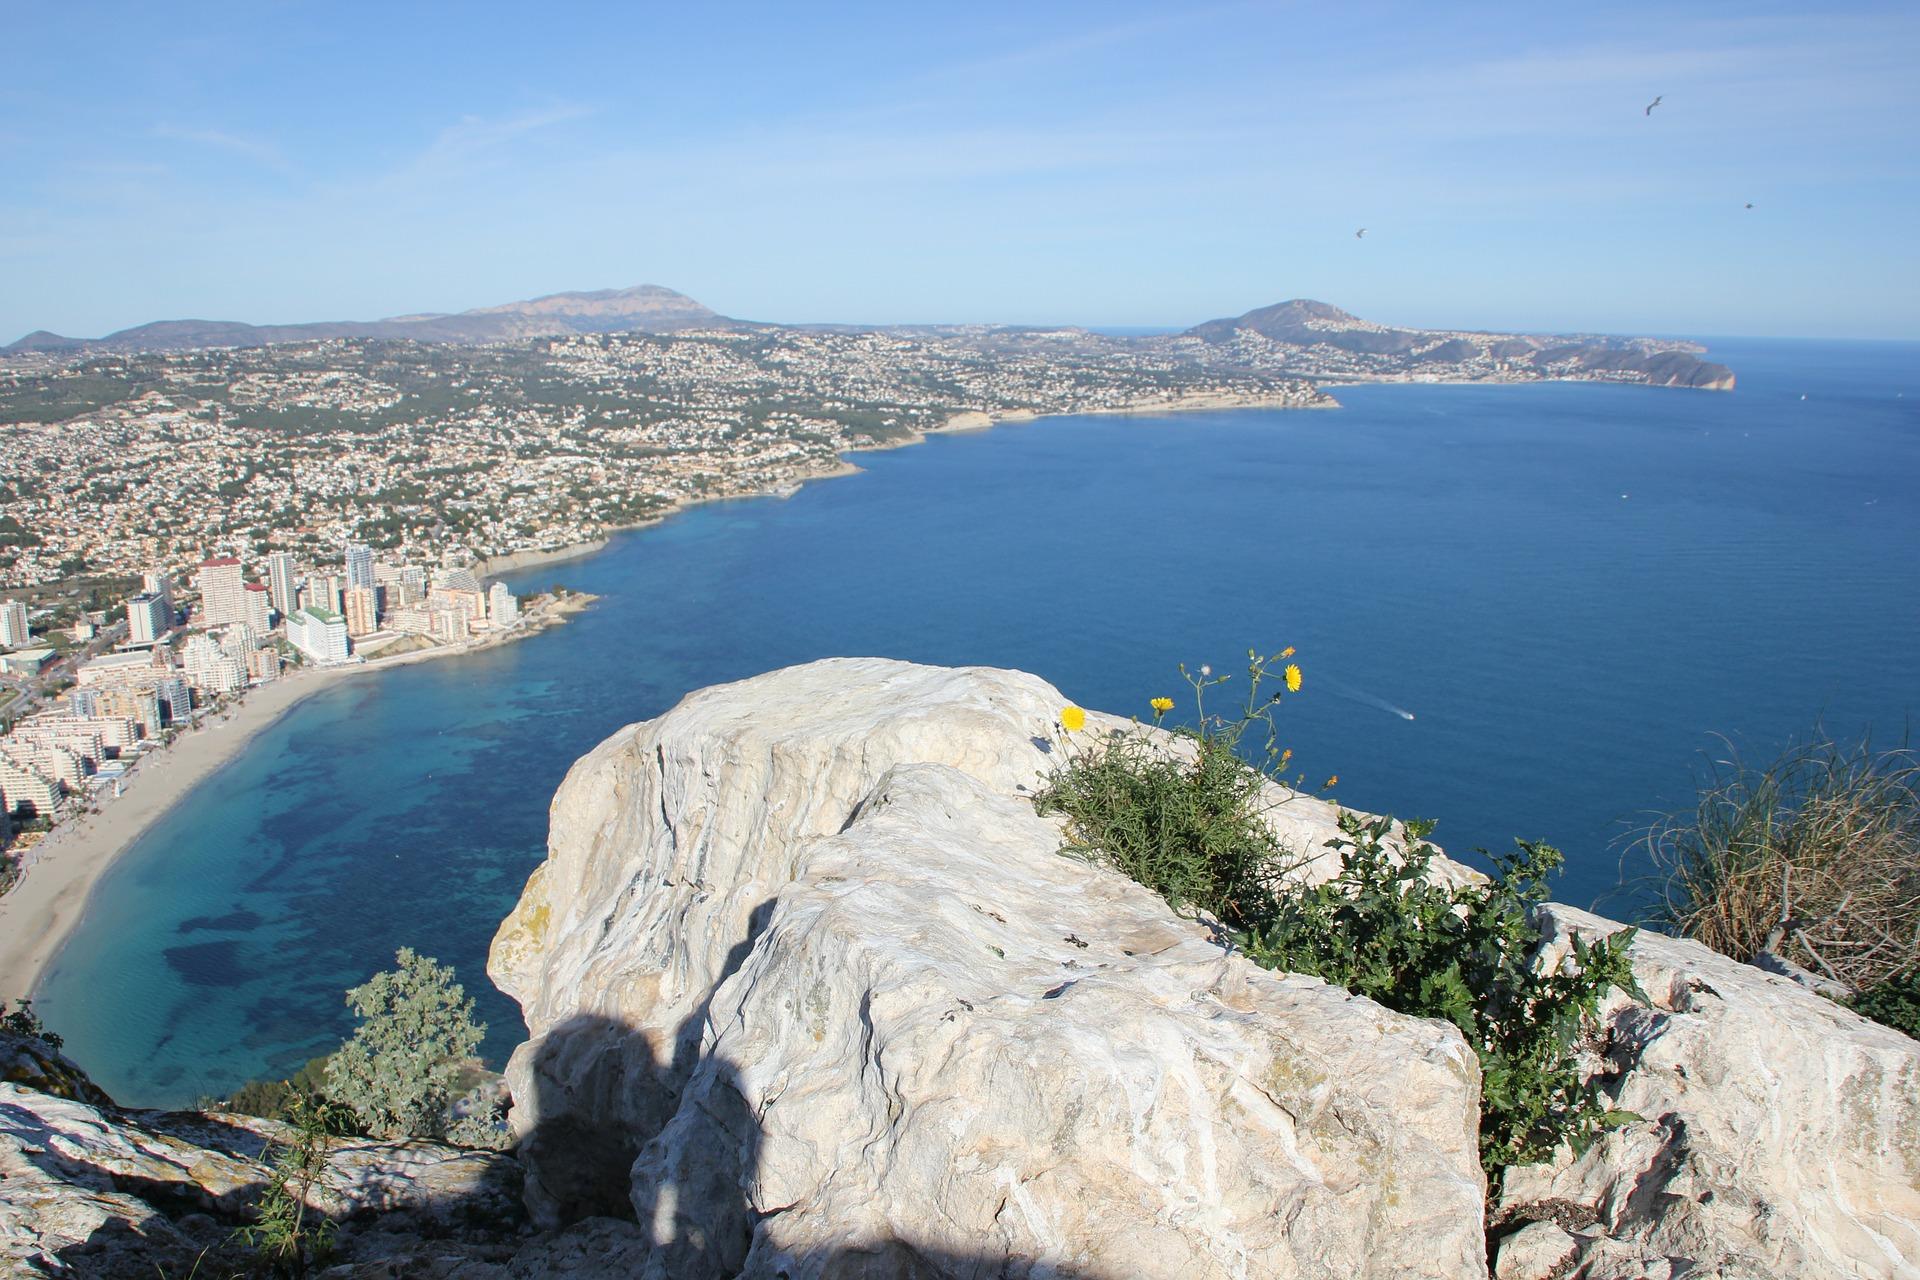 Das Gebirge bietet Zahlreiche Aussichtspunkte